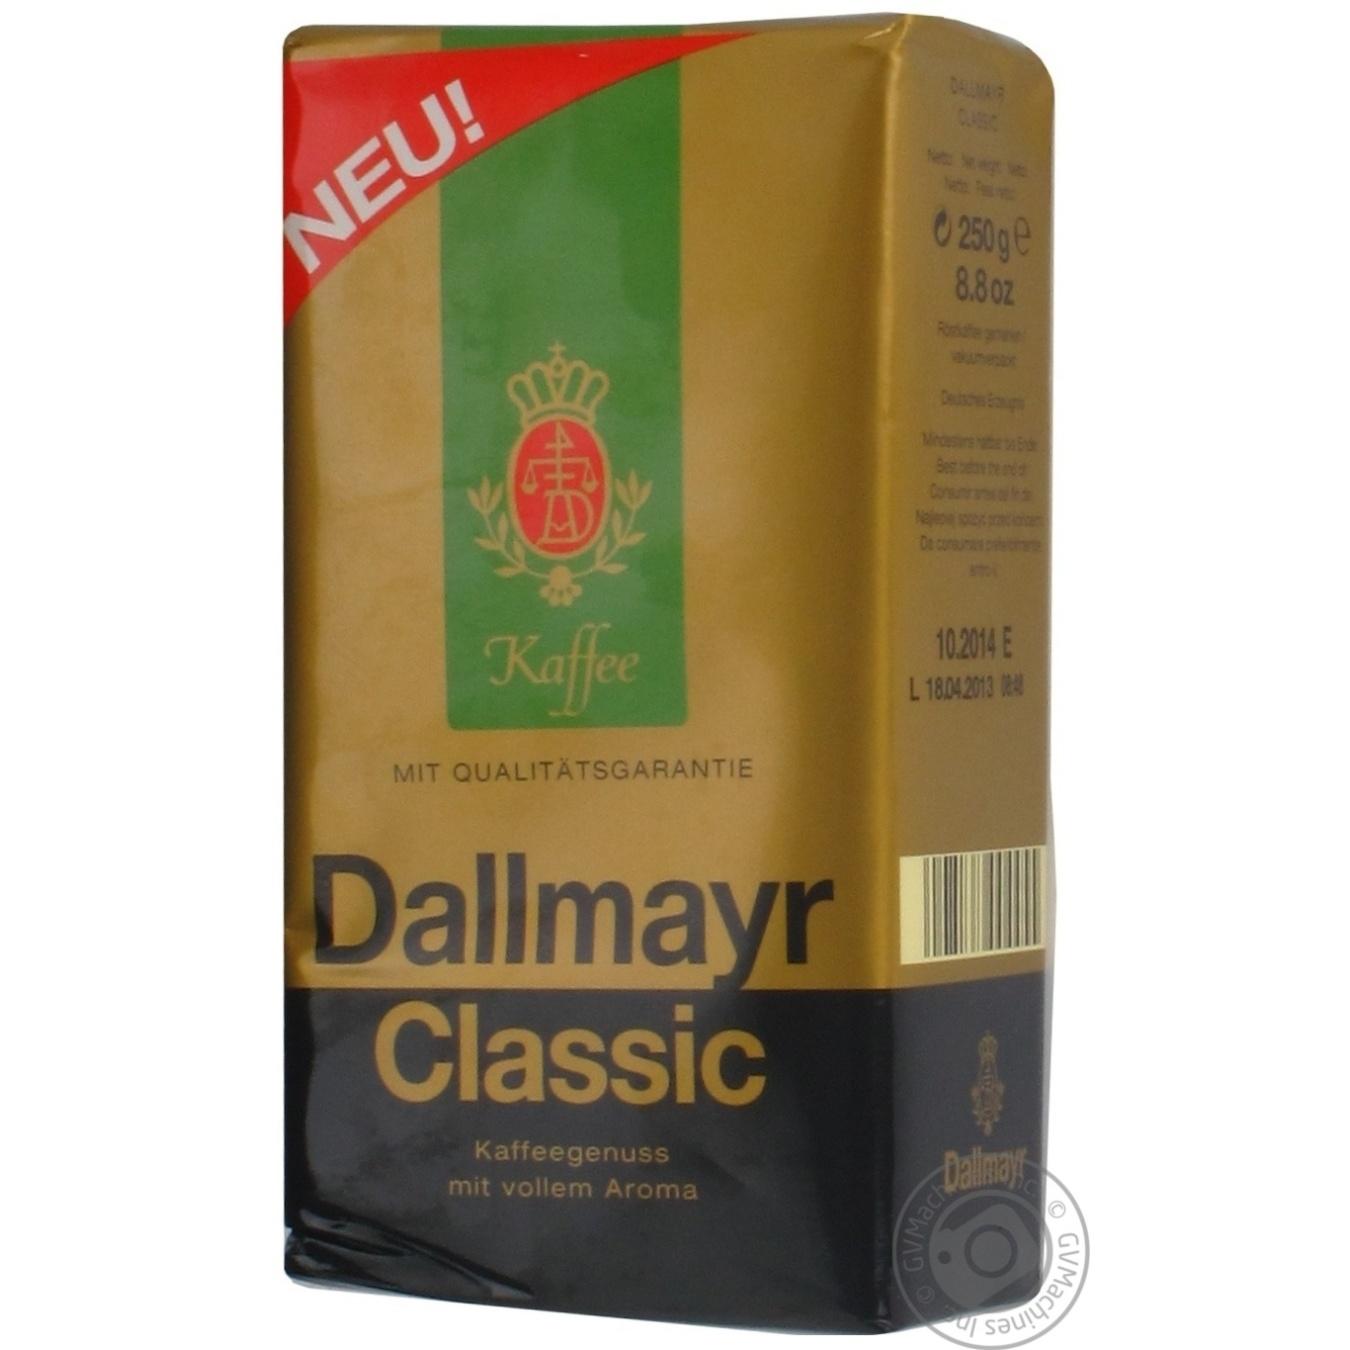 кофе dallmayr classic рецепты приготовление